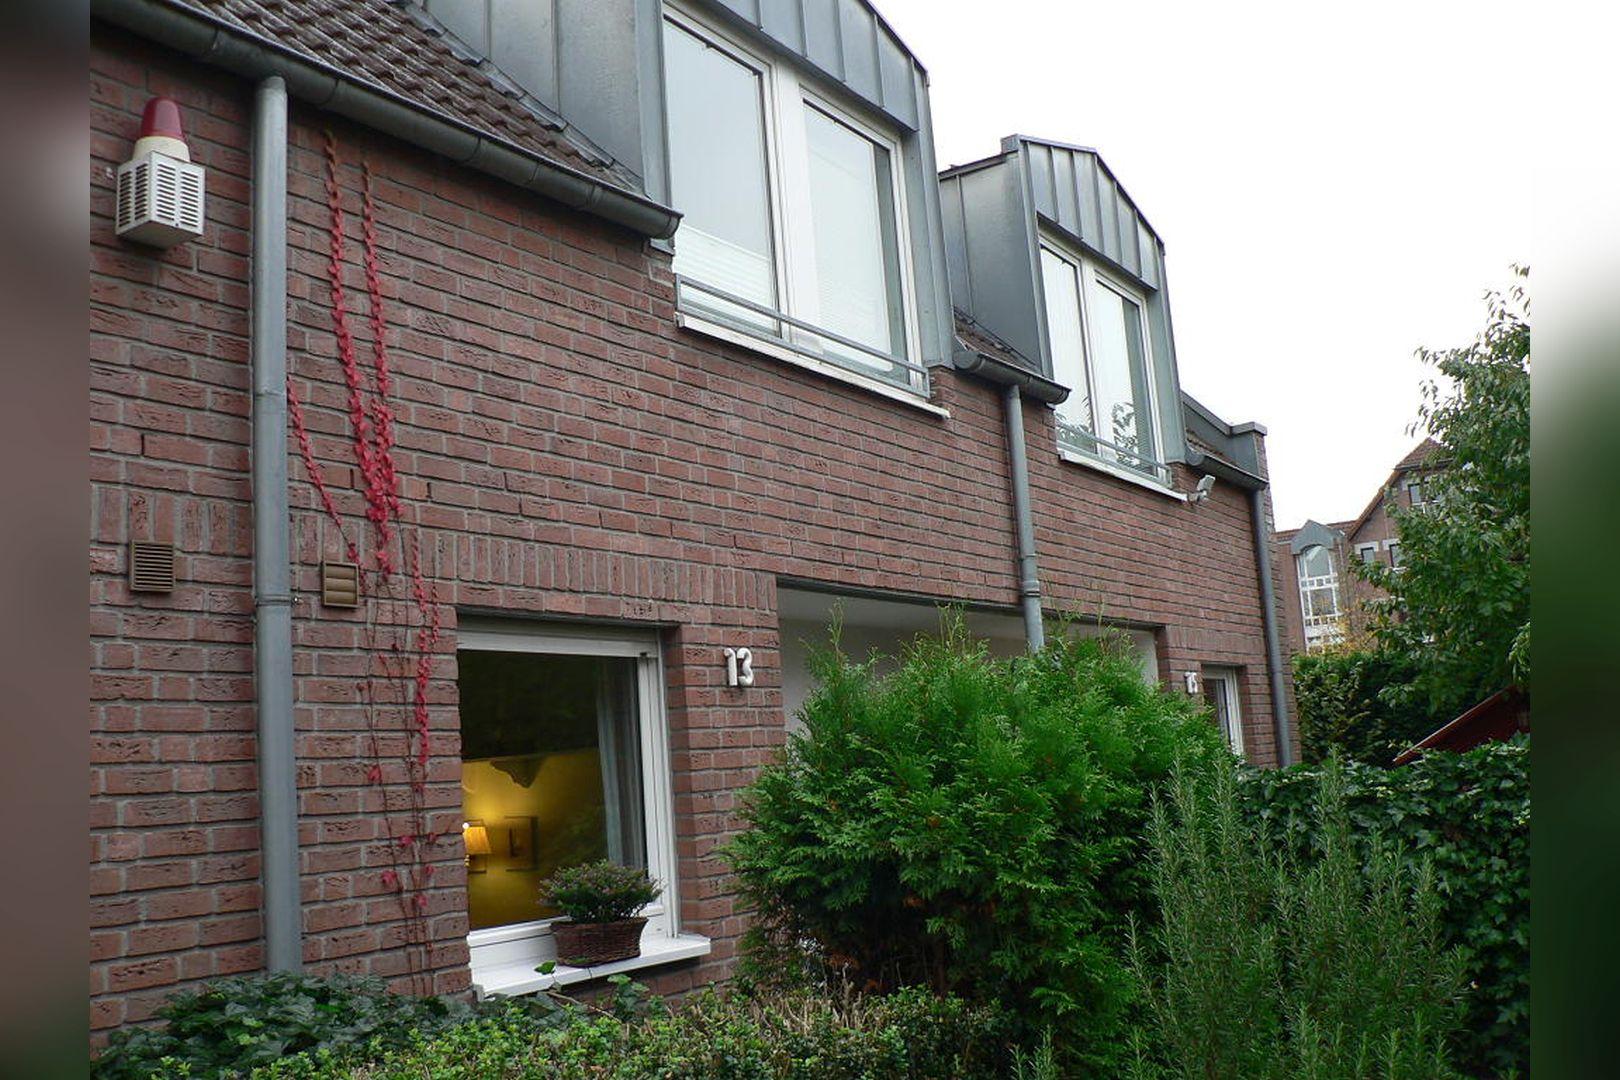 Immobilie Nr.0261 - Reihenmittelhaus mit Garten, Garage u. Stellpl. - Bild 2.jpg